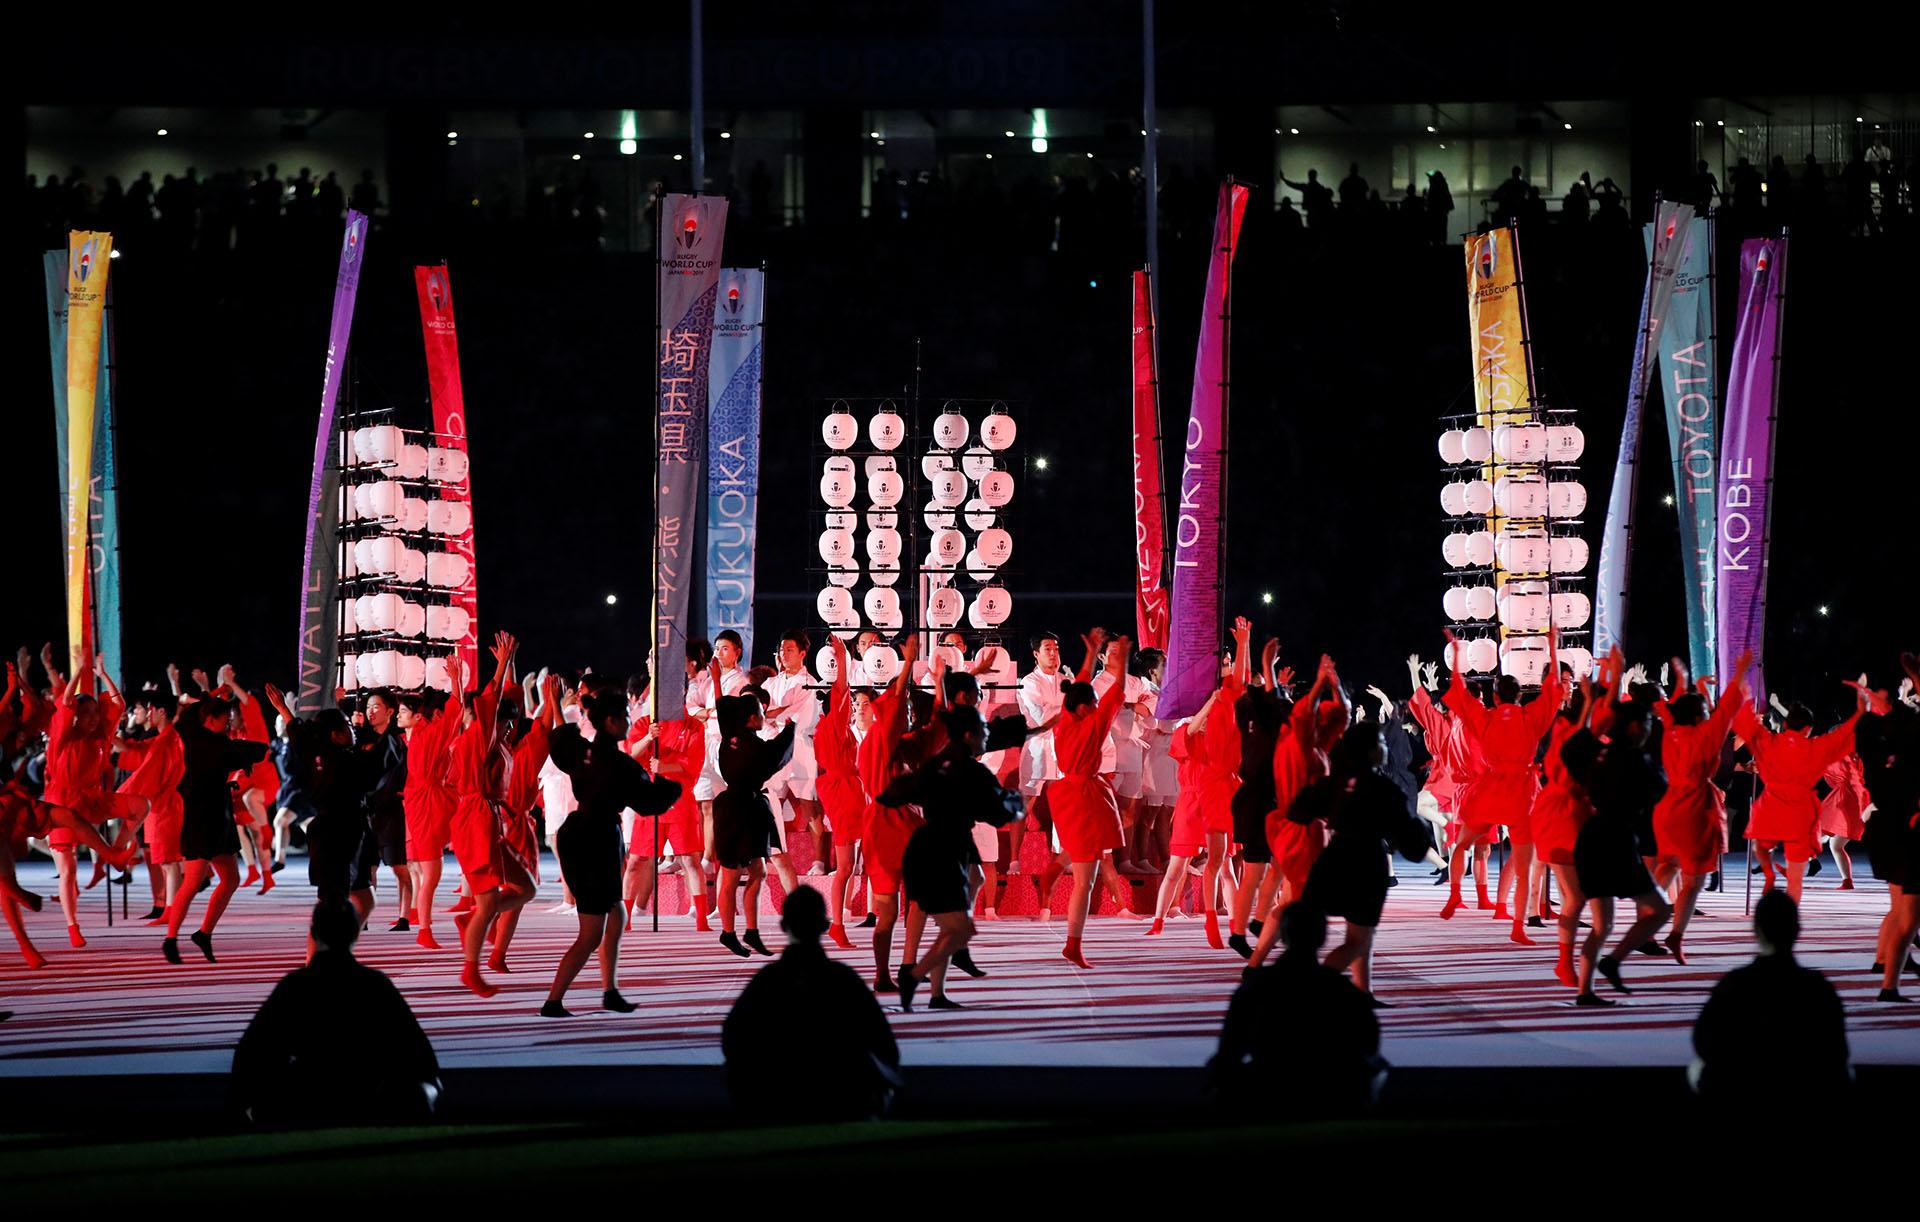 220 bailarines mostraron parte de la cultura nipona en la apertura del Mundial de rugby (REUTERS/Matthew Childs)